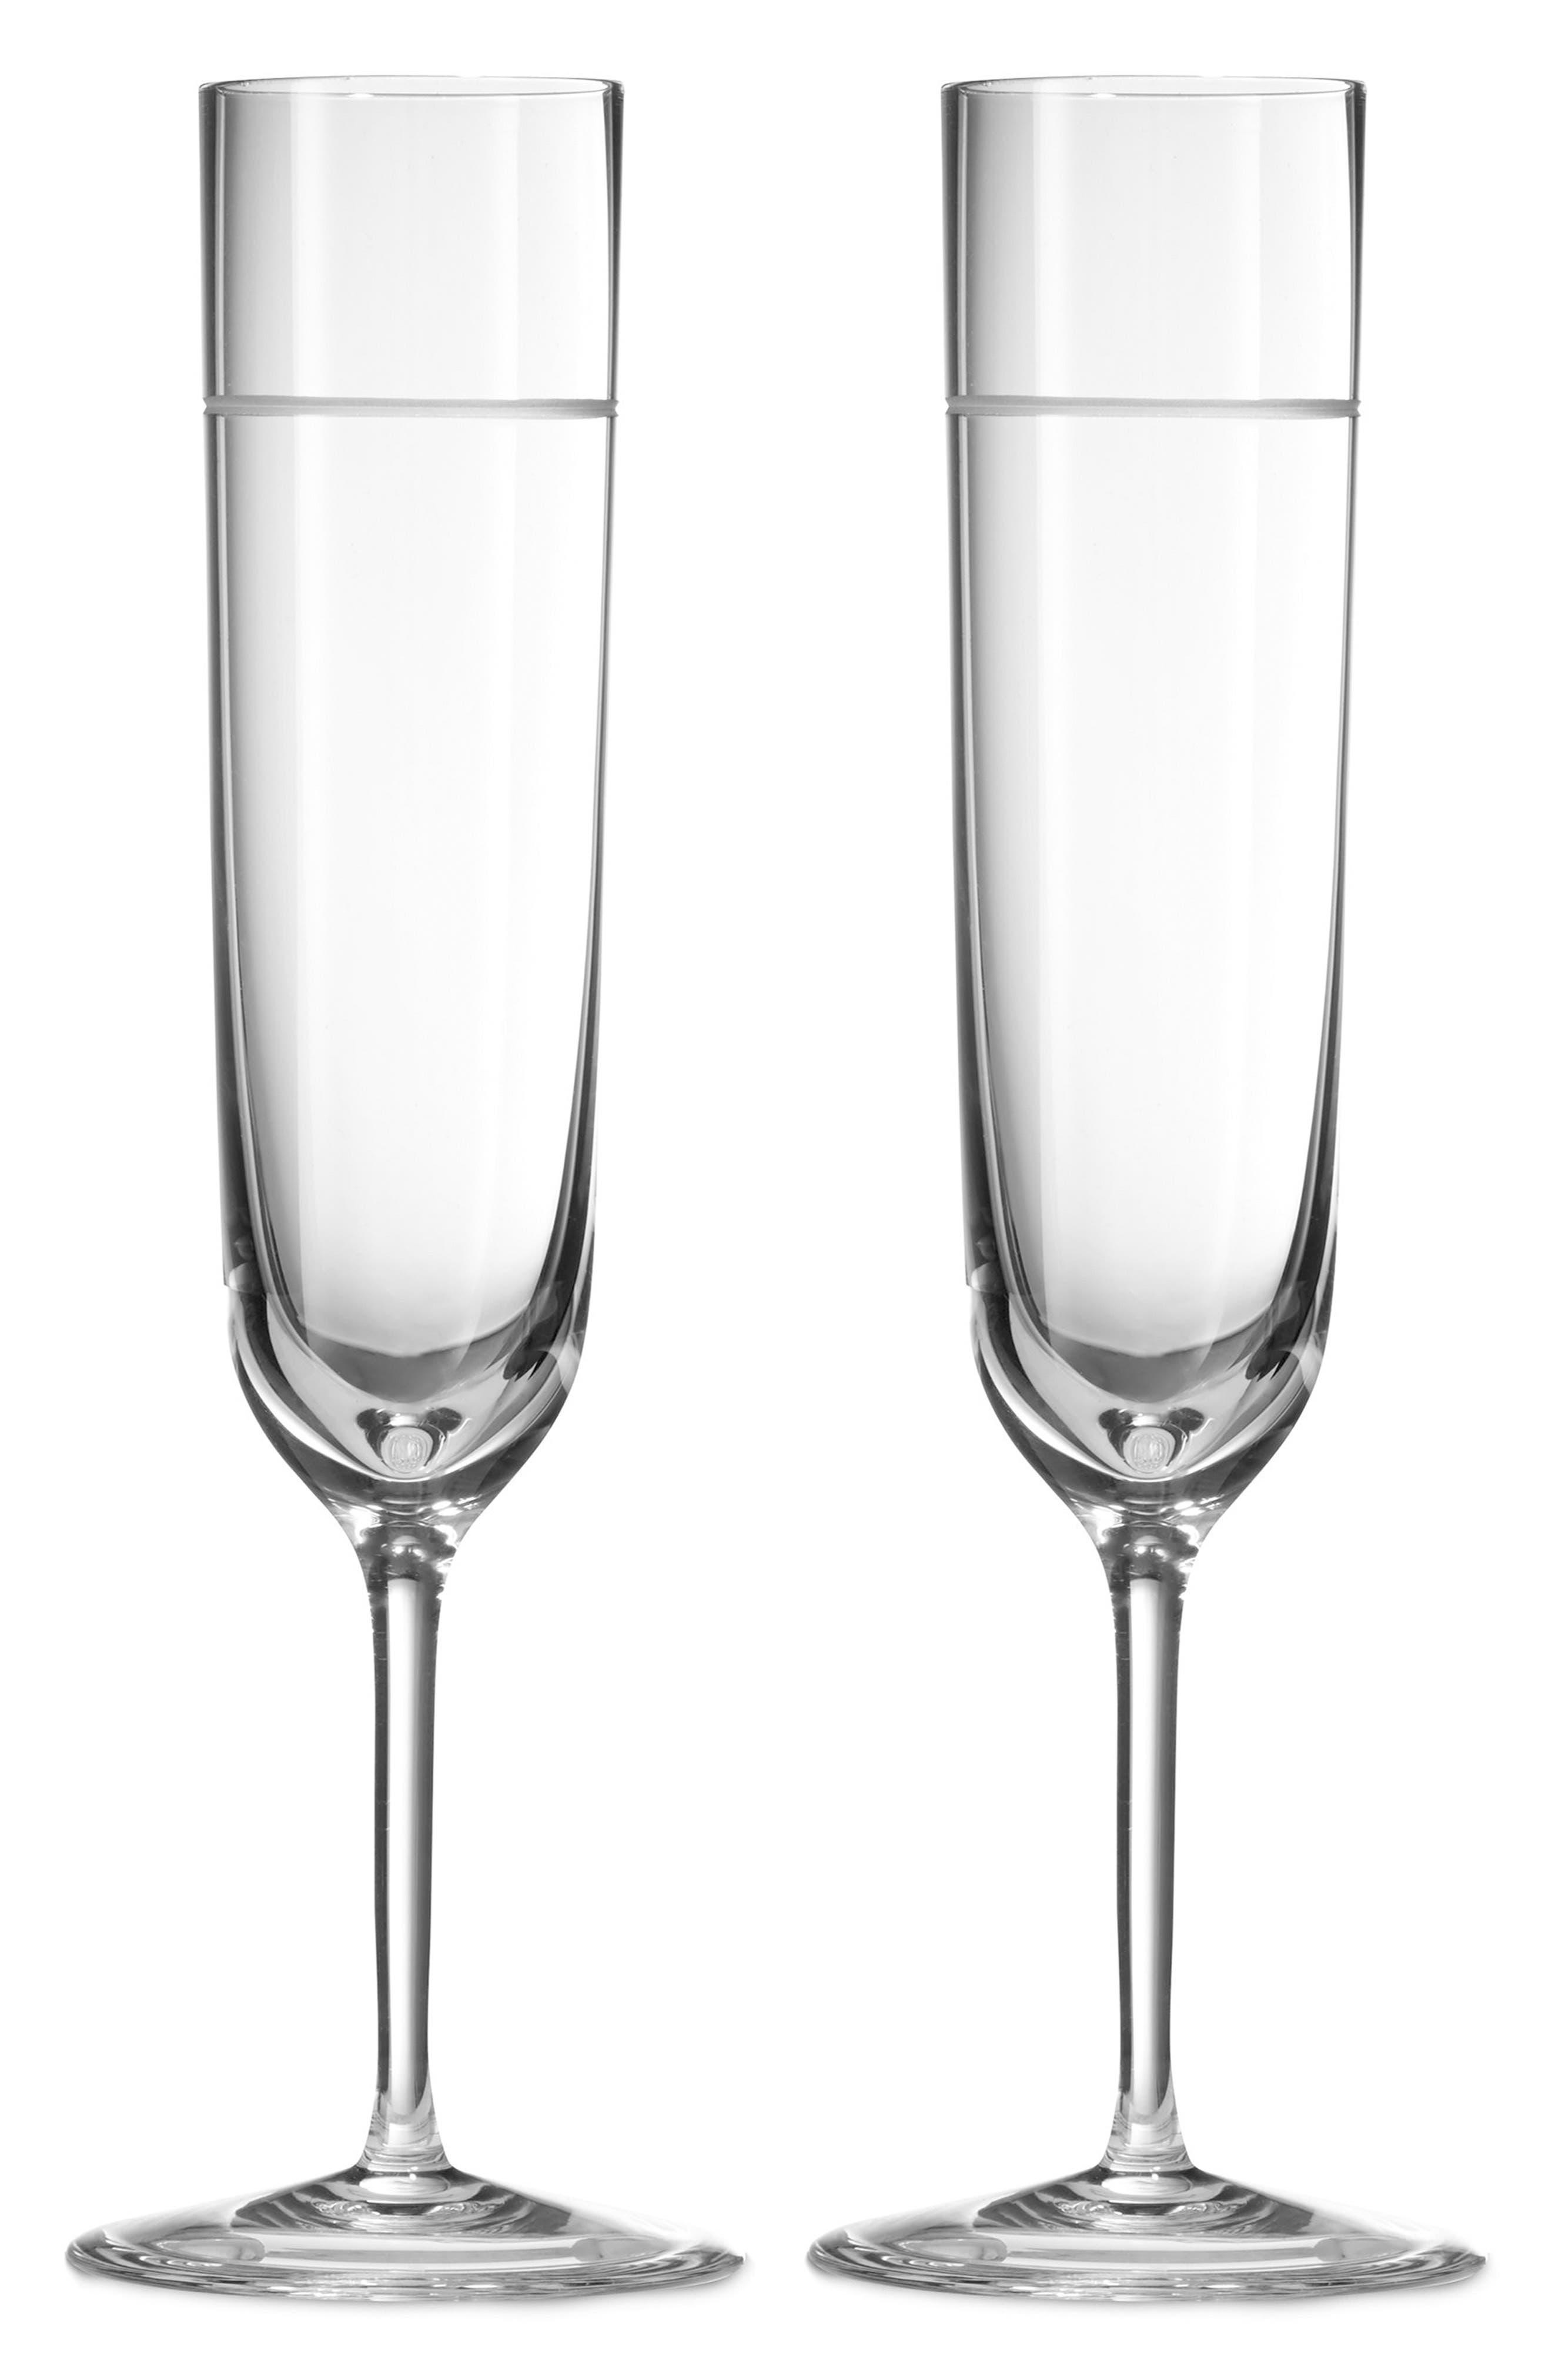 Vera Wang x Wedgwood Bande Set of 2 Crystal Champagne Flutes